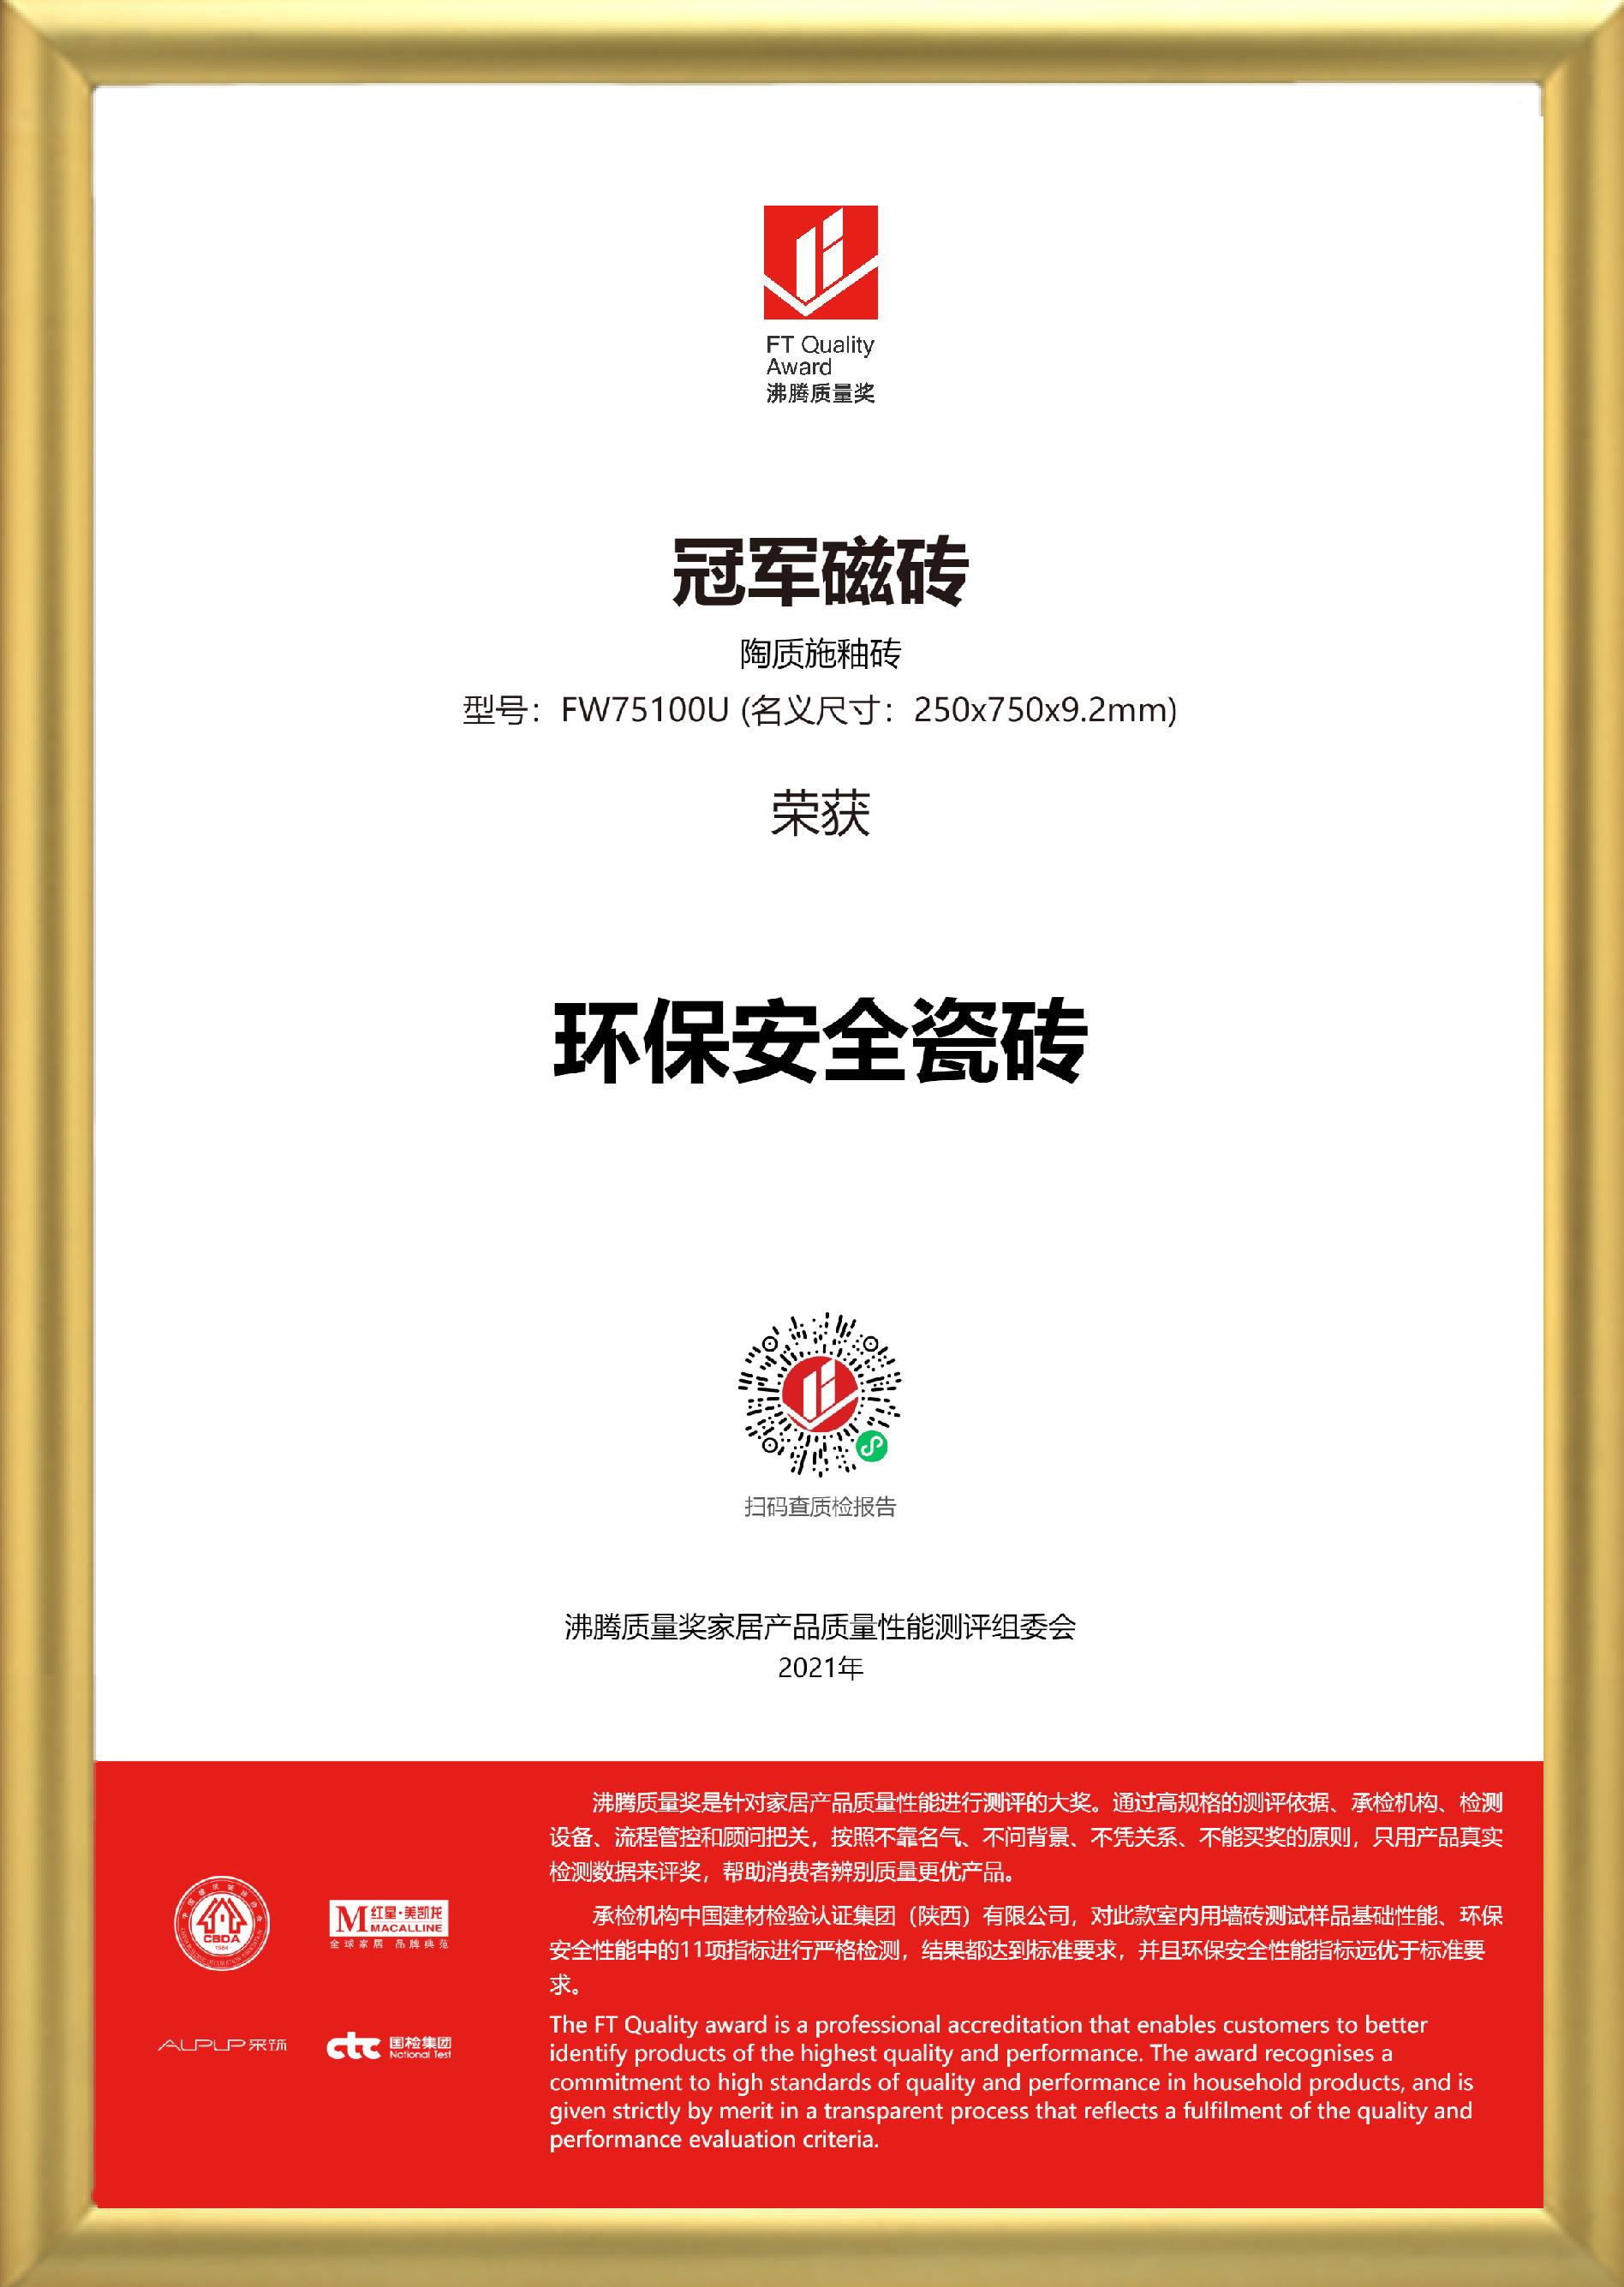 金框加持-获奖证书-冠军磁砖-室内用墙砖-FW75100U (名义尺寸:250x750x9.2mm).png